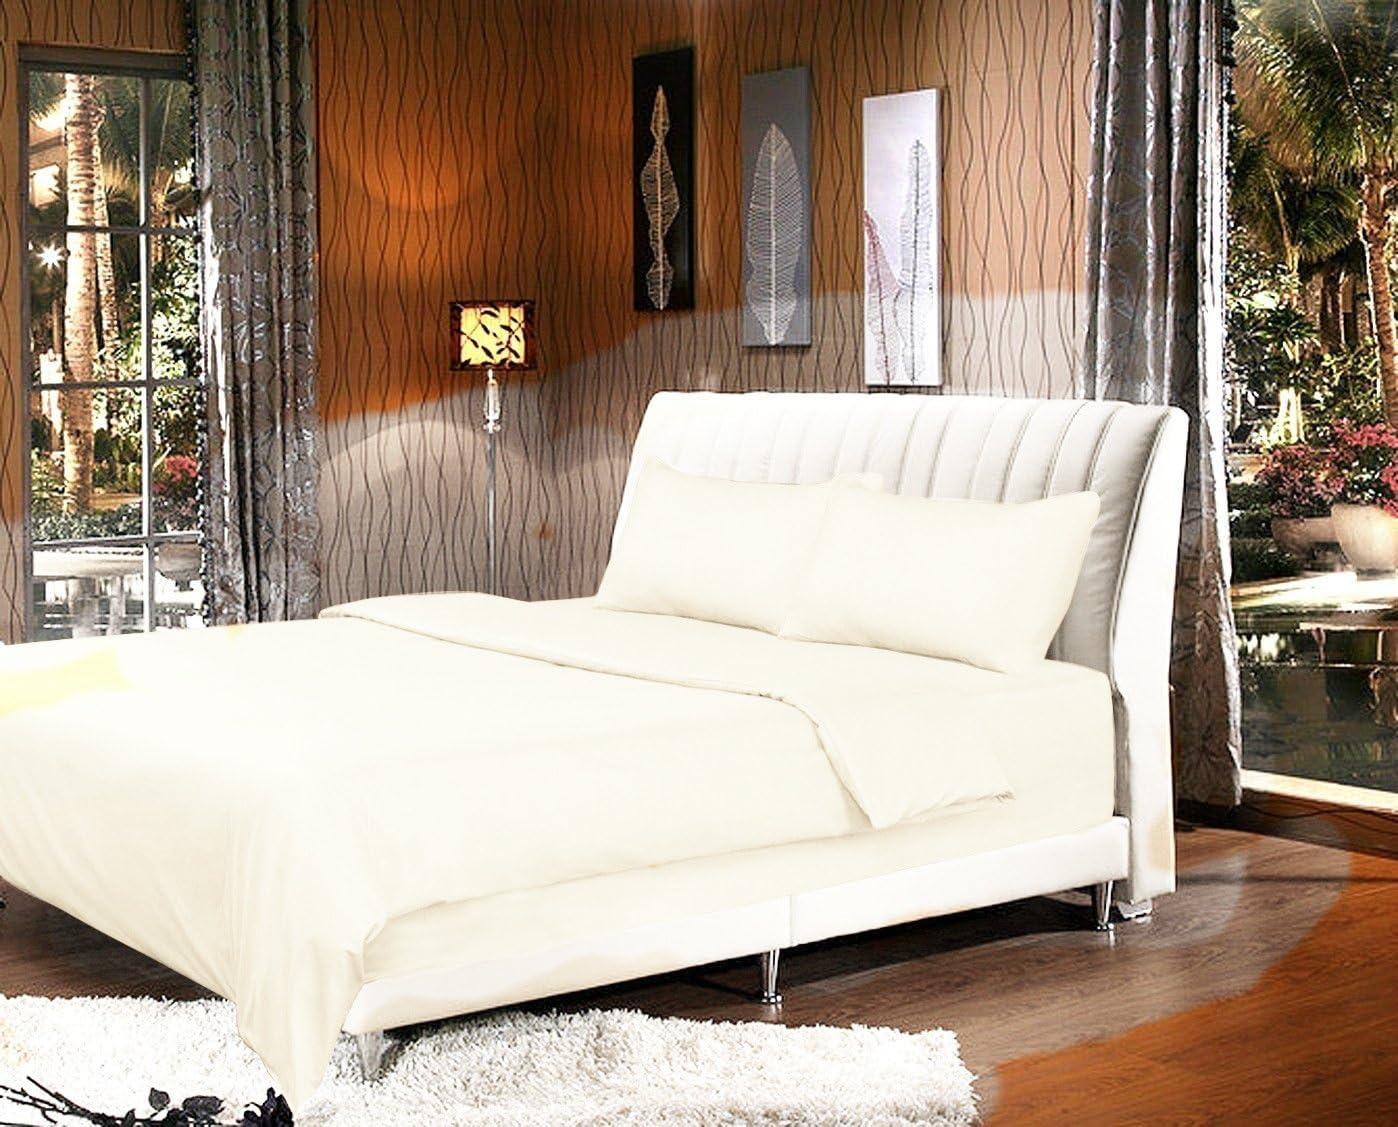 Tache Home Fashion Cloud White Duvet Cover, King